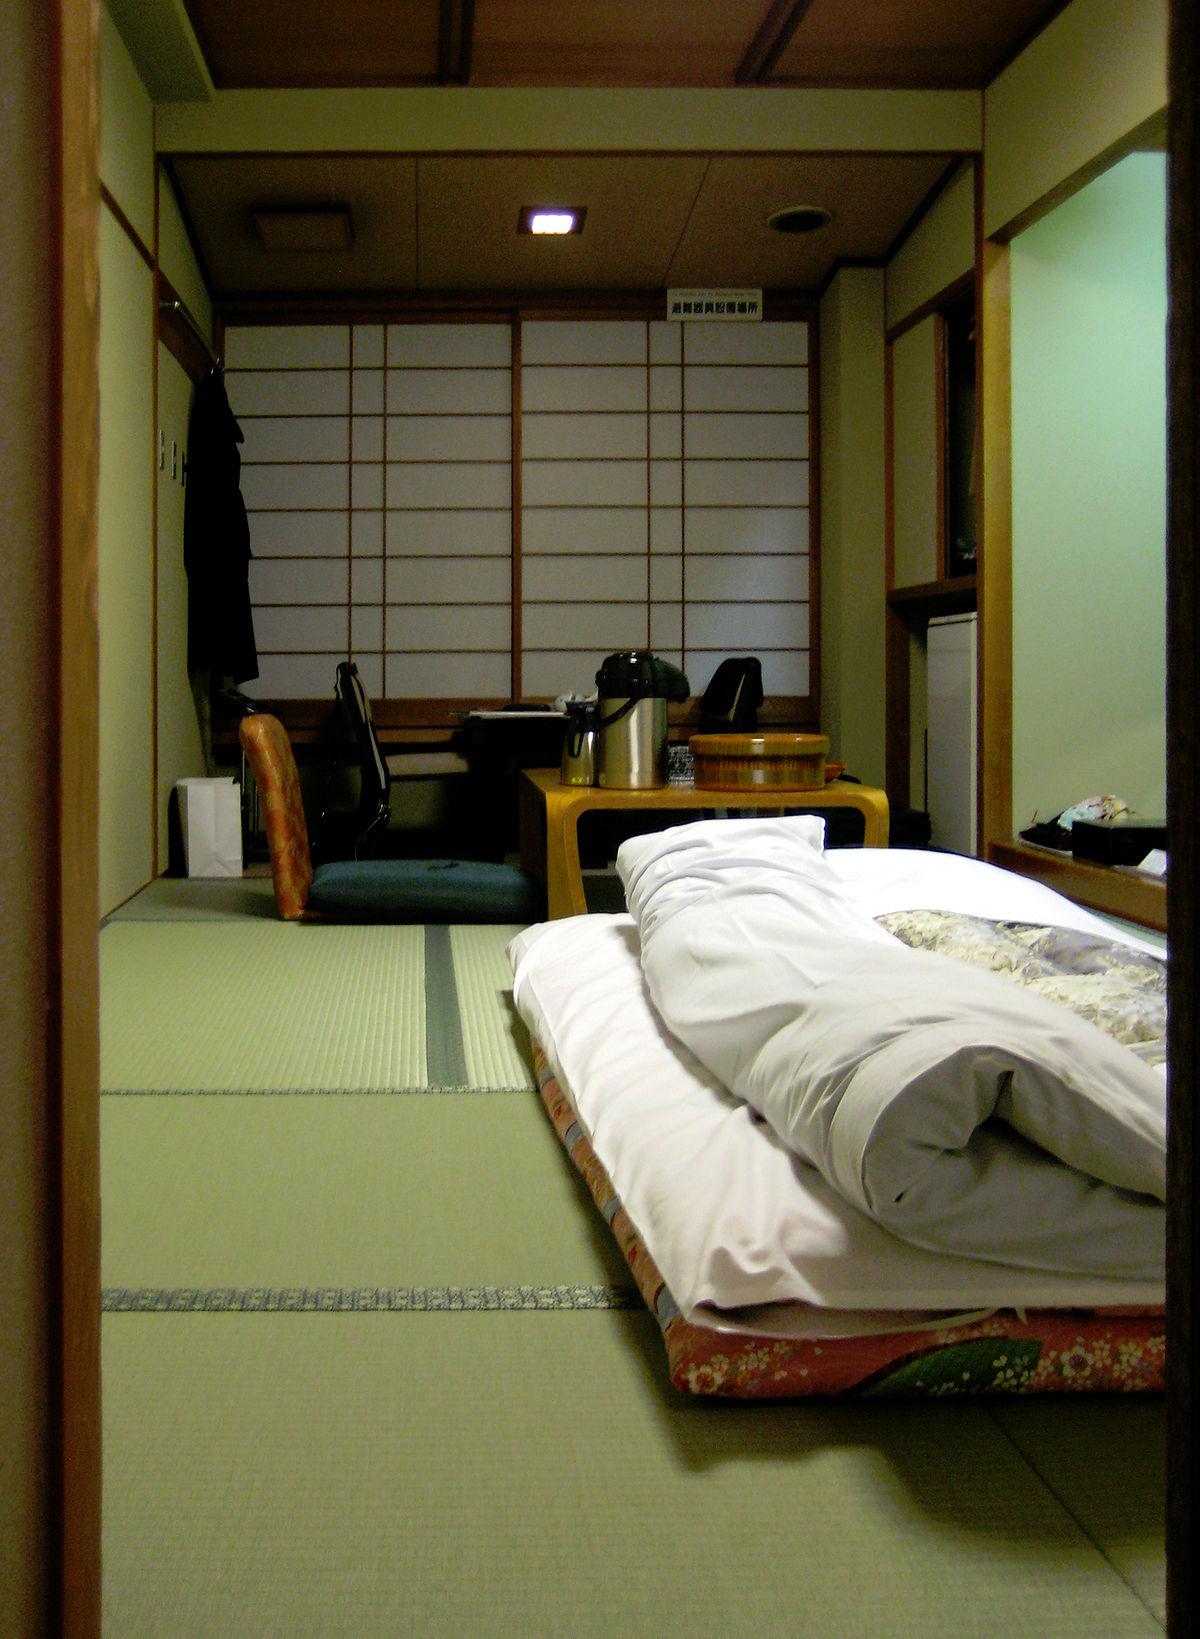 Full Size of Tatami Bett Betten Mit 80x200 160x200 Hoch Chesterfield Weiß 140x200 Kopfteil Für Konfigurieren Massiv 90x200 Lattenrost Und Matratze Unterbett 140 Rauch Bett Tatami Bett